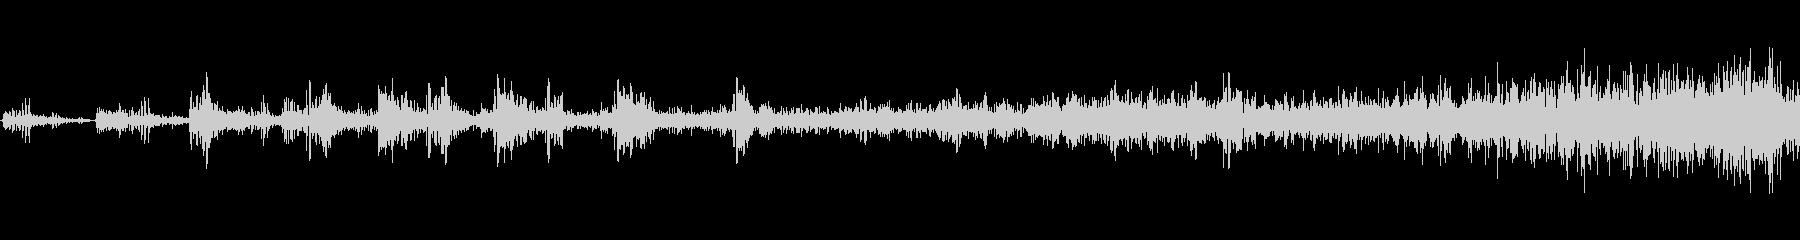 ガラガラの鳴き声、メタルヒット、SFの未再生の波形